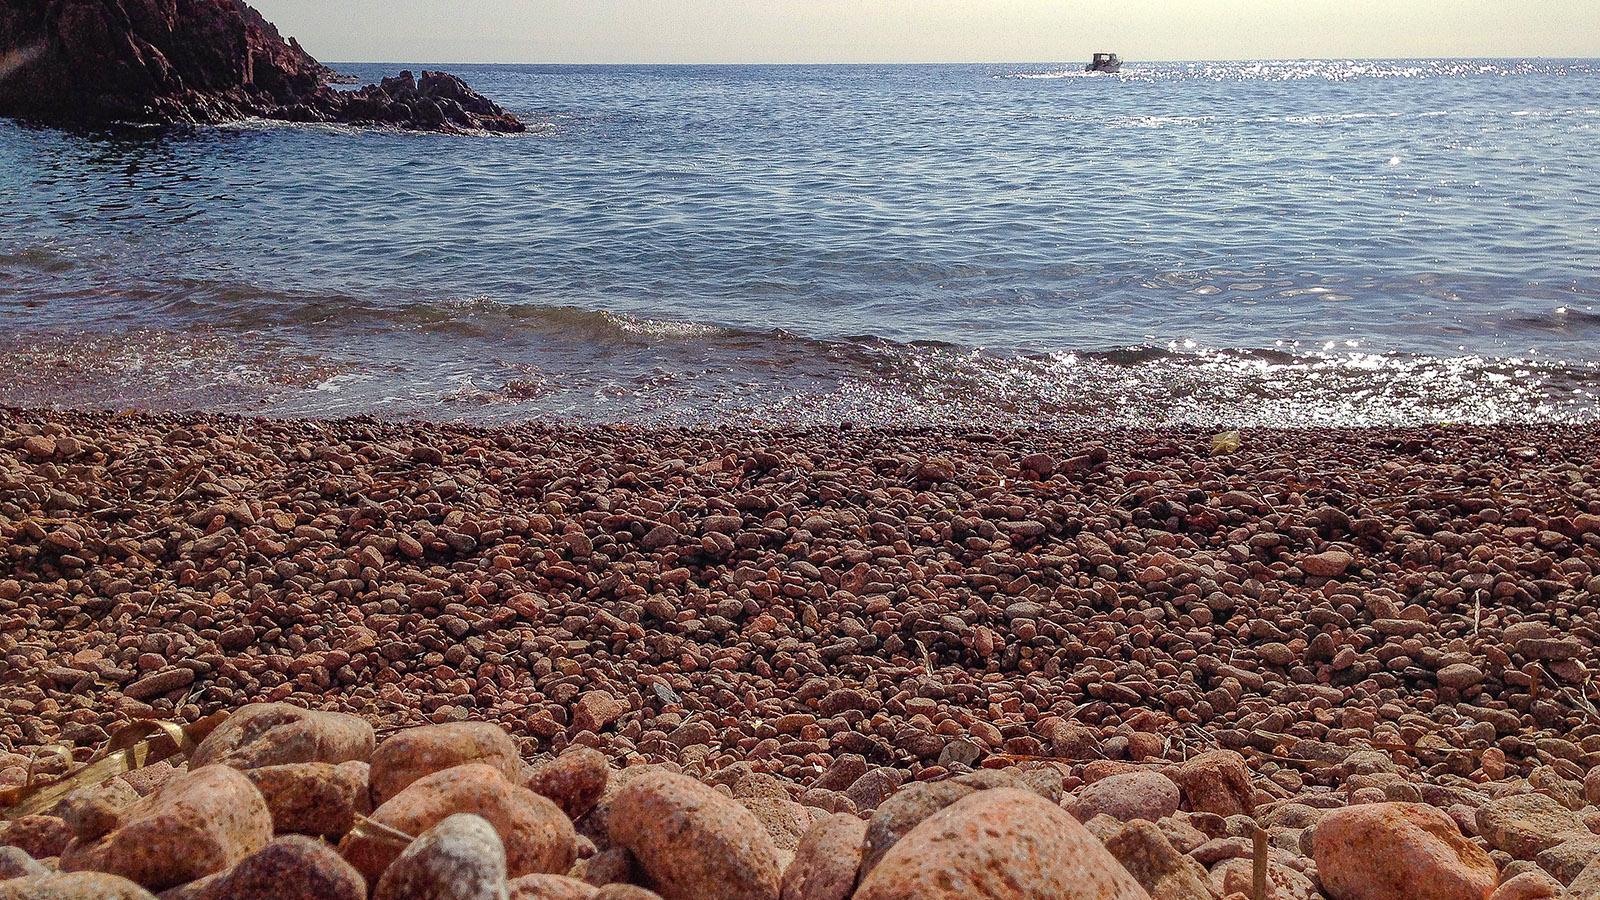 Strand am Esterel-Gebirge an der Côte d'Azur. Foto: Hilke Maunder